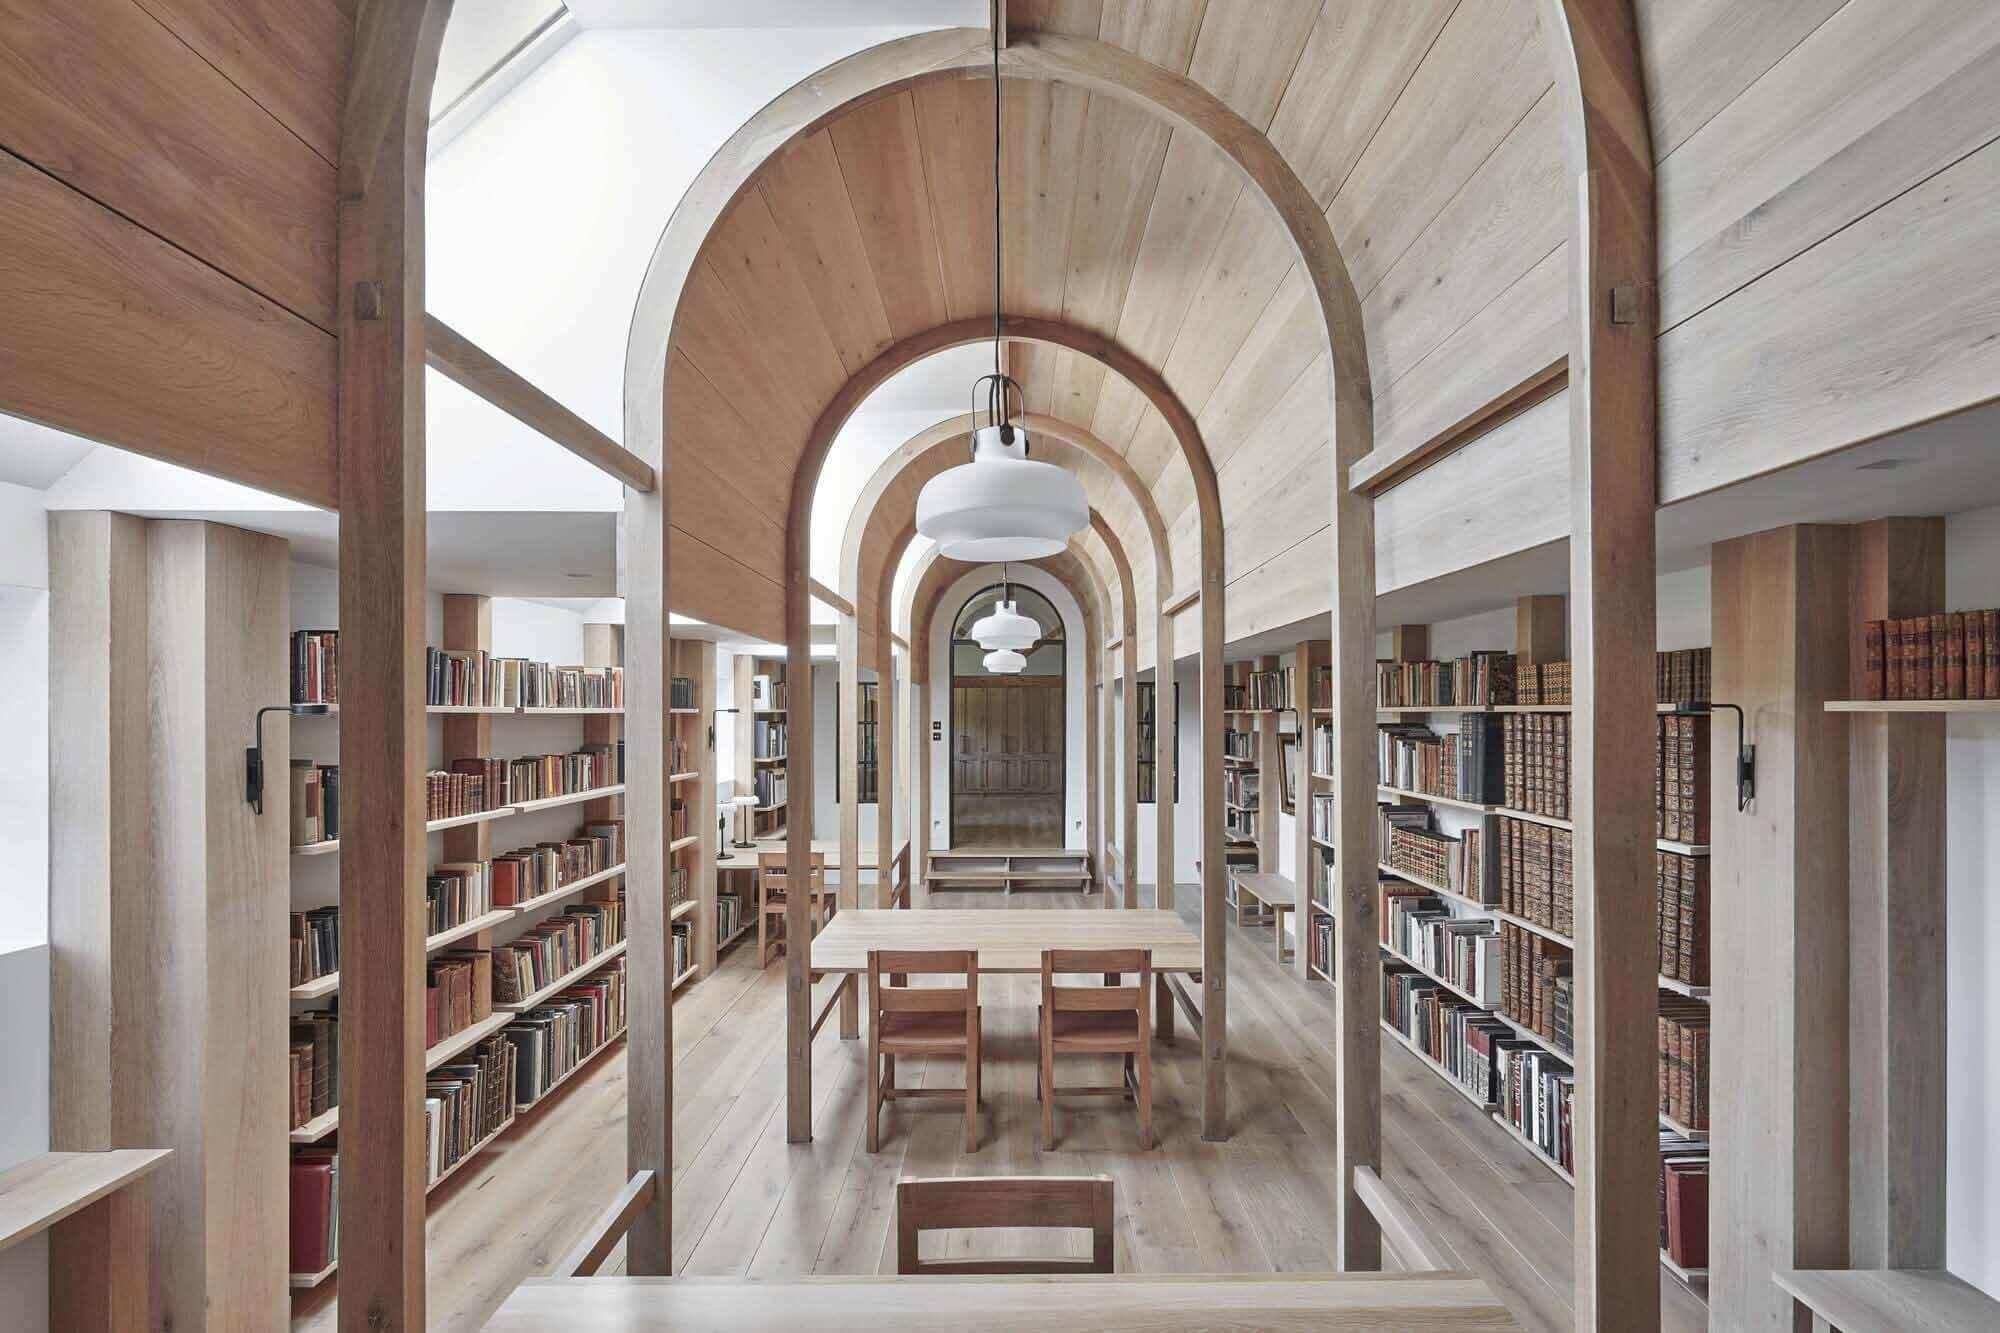 Библиотека Stanbridge Mill / Crawshaw Architects